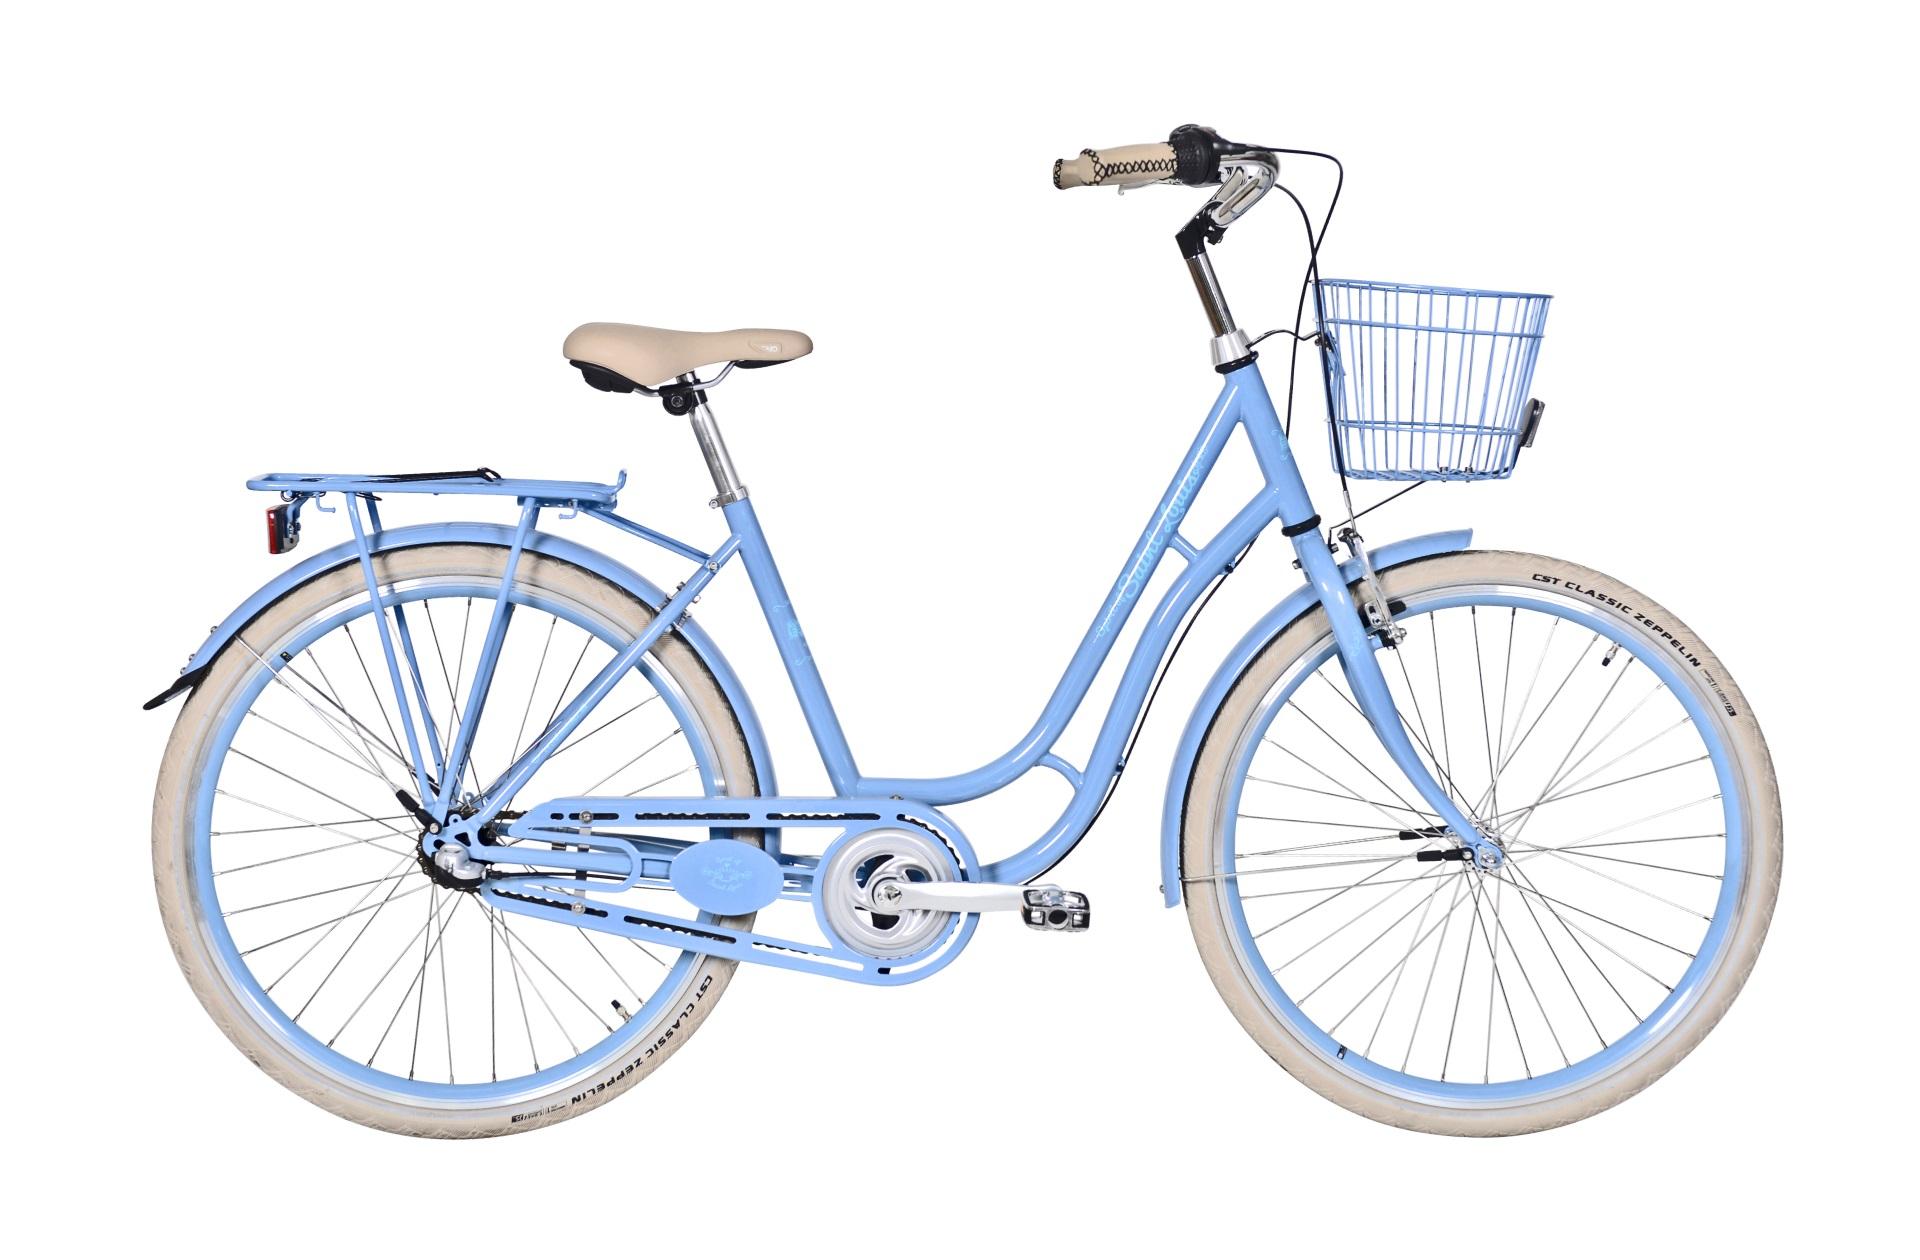 """Pedalatleten Ebsen Spirit Of St. Louis 26"""" Pige Lyseblå 7 Gear - 2019 Cykler"""